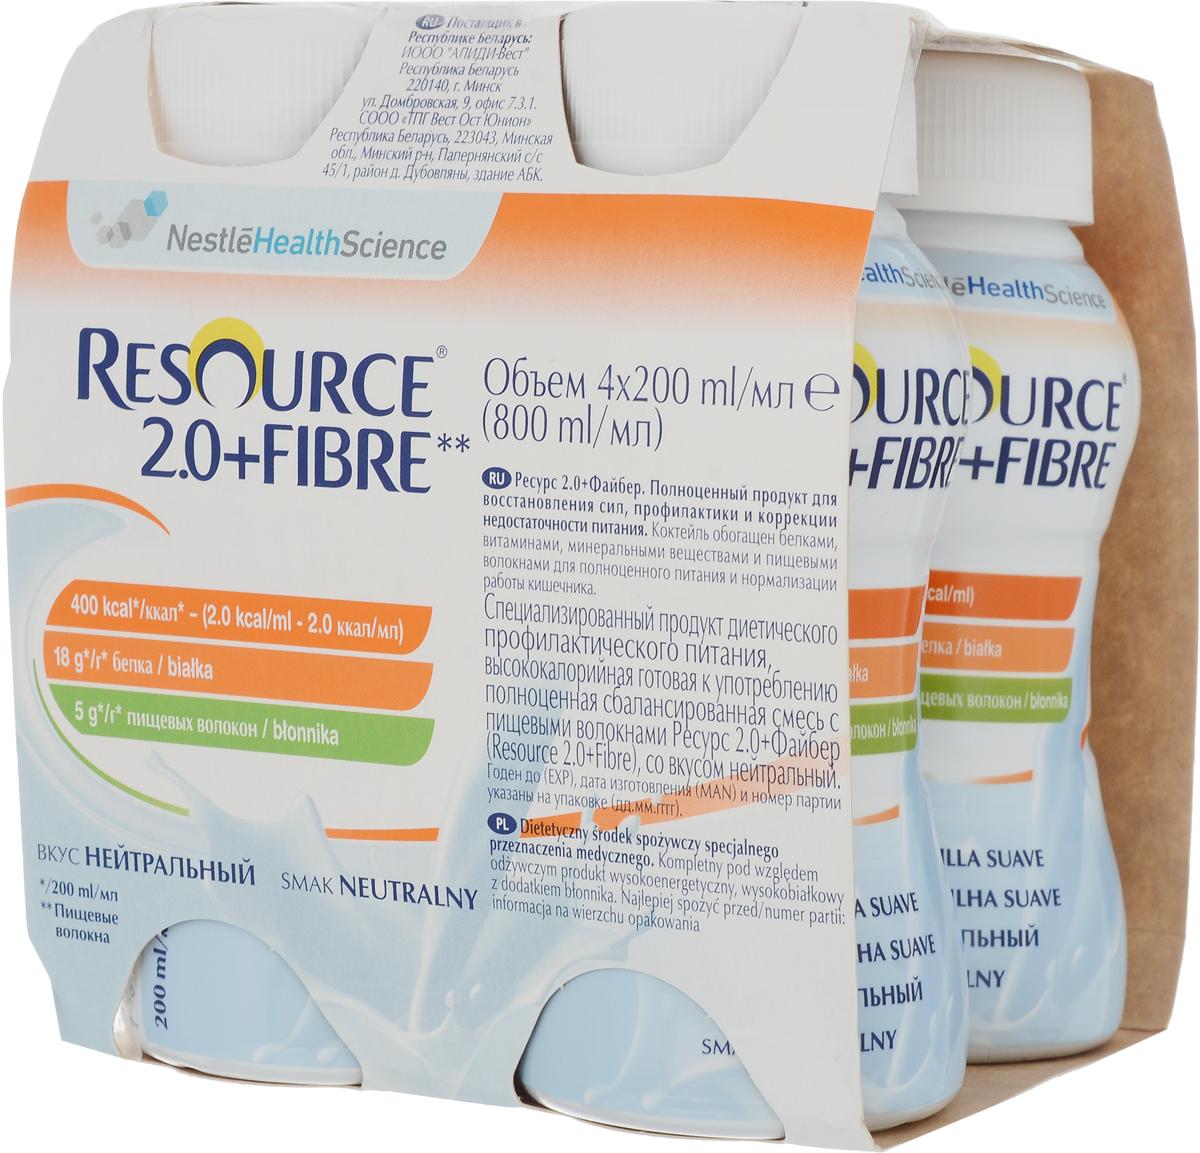 Resource 2.0+Fibre Продукт диетического профилактического питания, высококалорийная смесь с пищевыми волокнами с нейтральным  вкусом, 4 шт по 200 мл frankie welikhe natural resource management